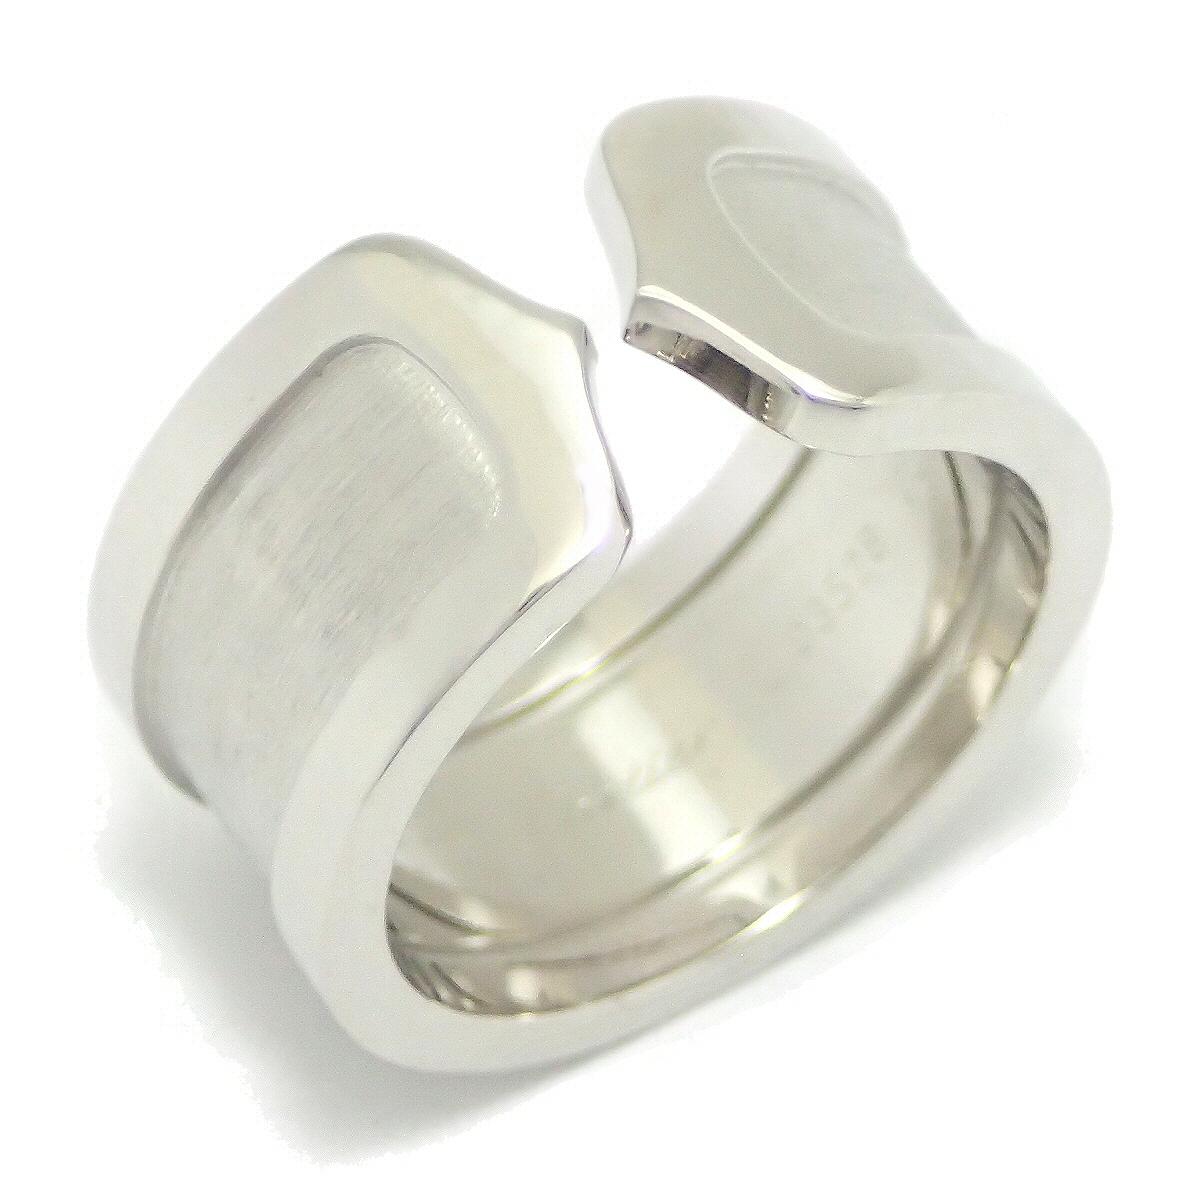 【ジュエリー】【新品仕上げ済】Cartier カルティエ C ドゥ カルティエ 2C リング LM ロゴ リング 指輪 13号 #53 K18WG ホワイトゴールド C2 B4040600 B4040650 【中古】